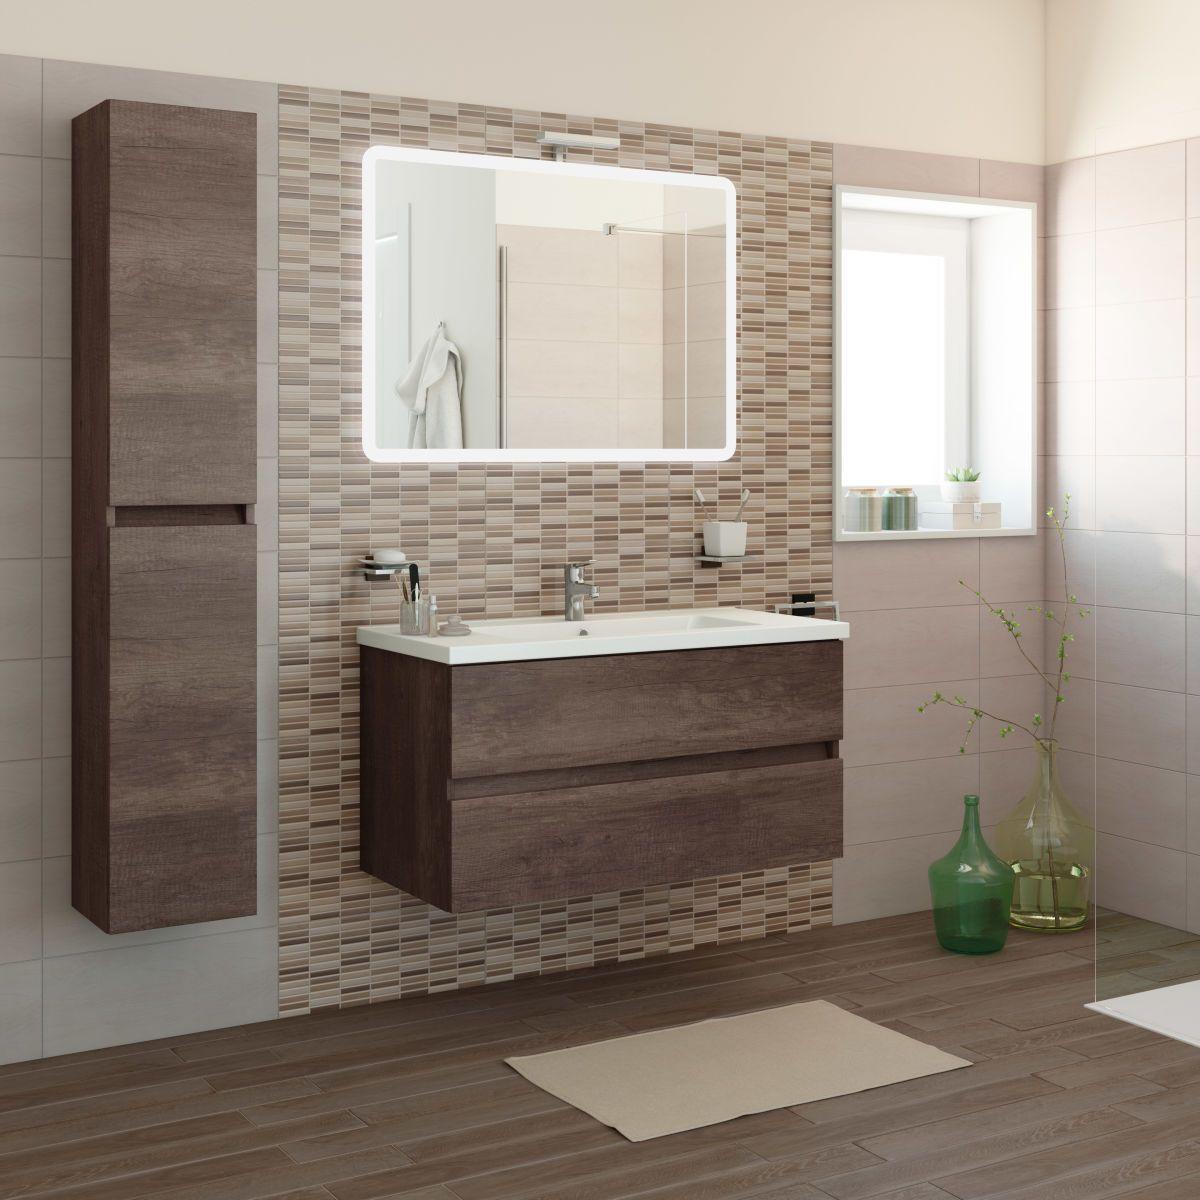 Mobile bagno kora rovere scuro l 101 cm bagno stanza da for Mobili bagni prezzi